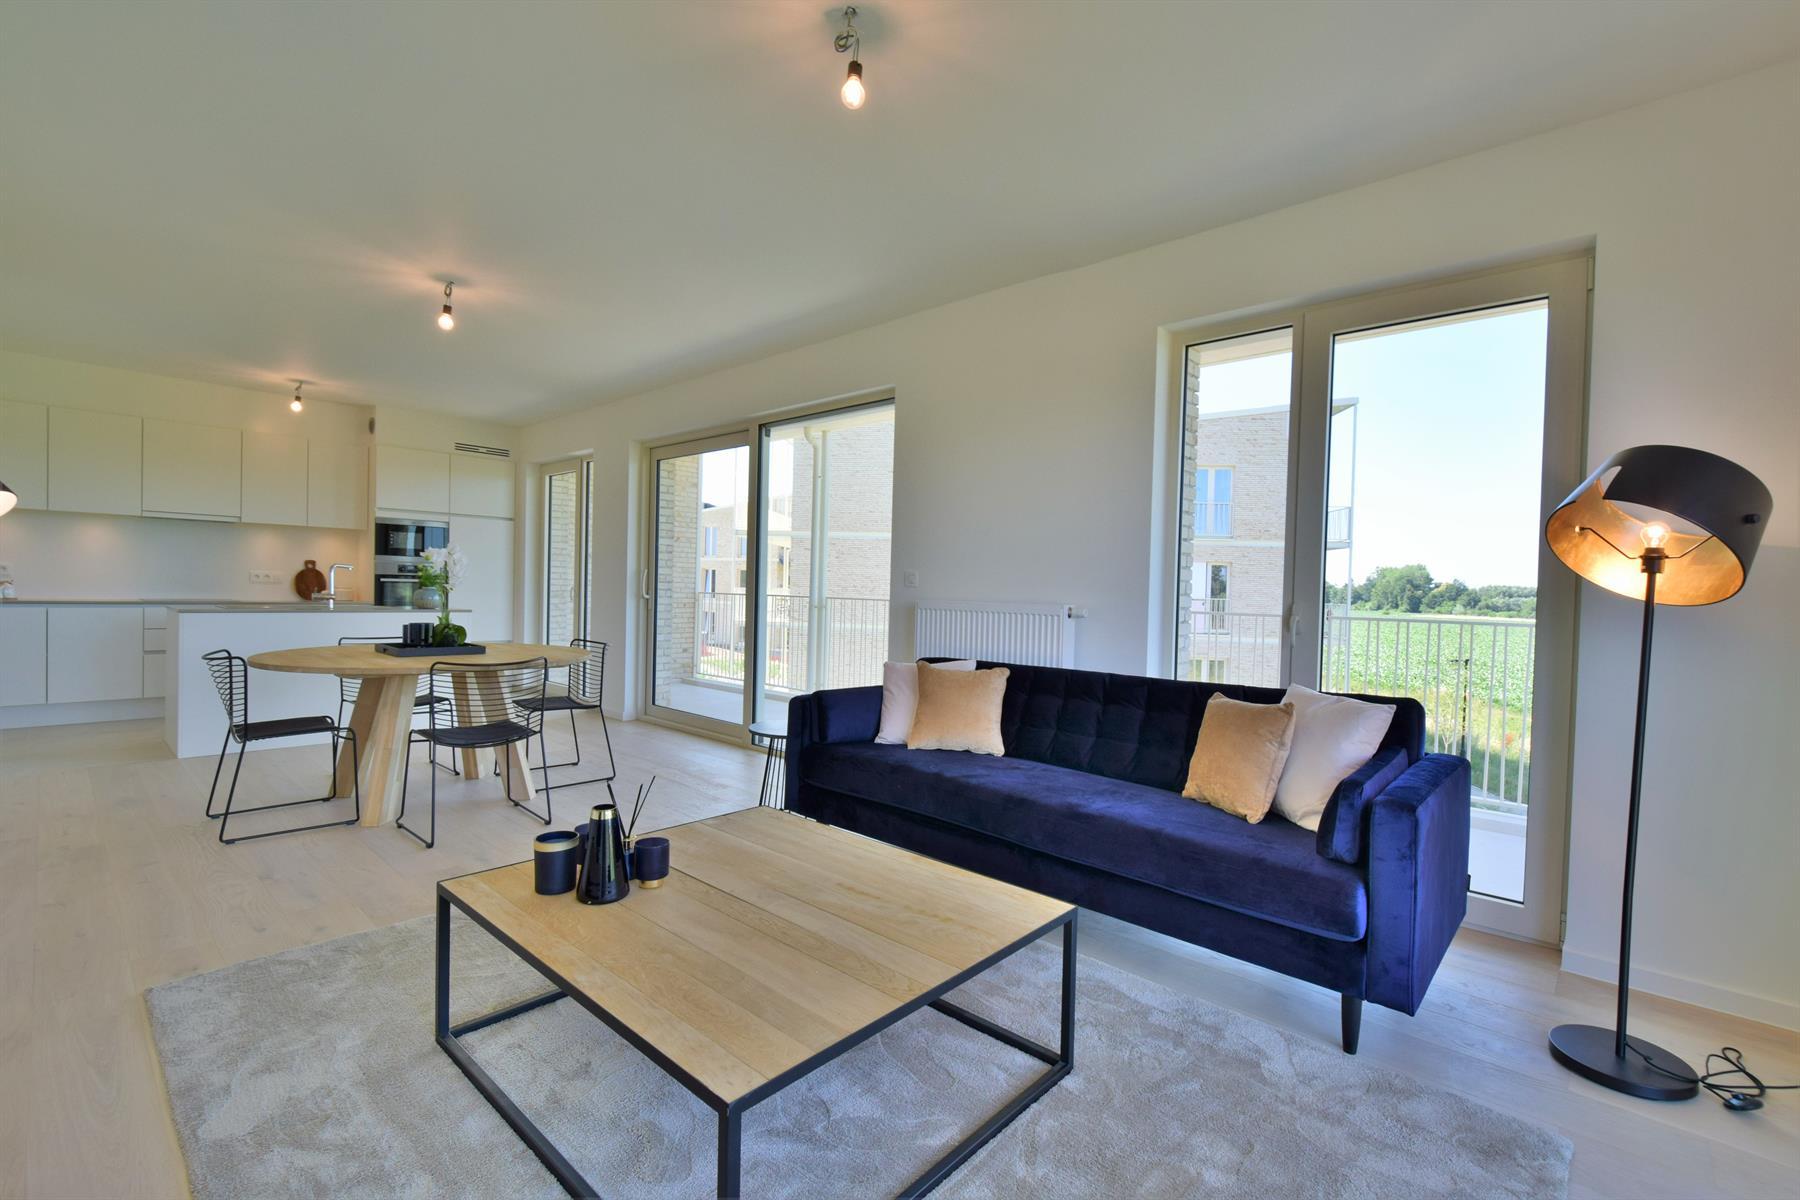 Appartement Te koop Eke Eikenpark DA12